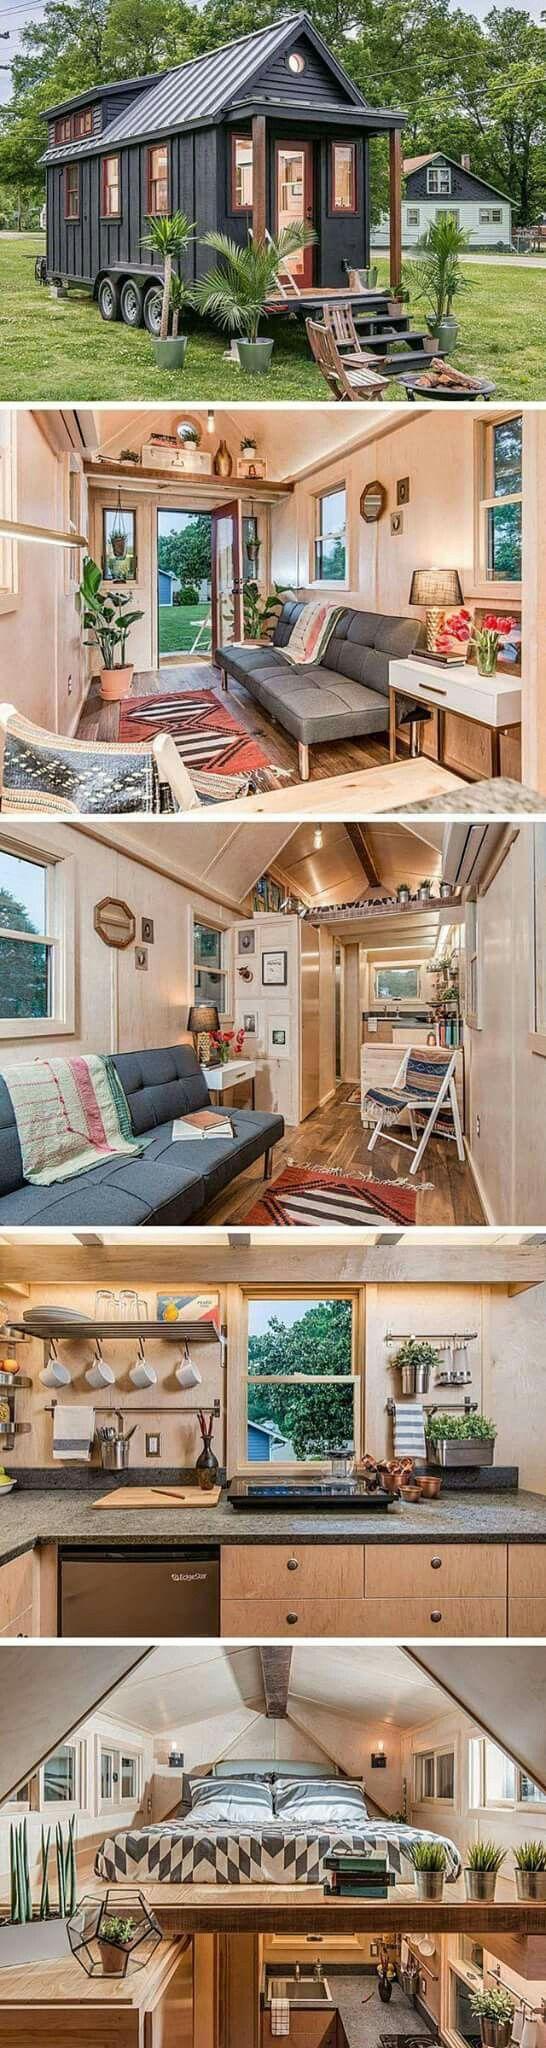 Pin von Jax C auf a home...   Pinterest   Verrücktes, Gartenhäuser ...